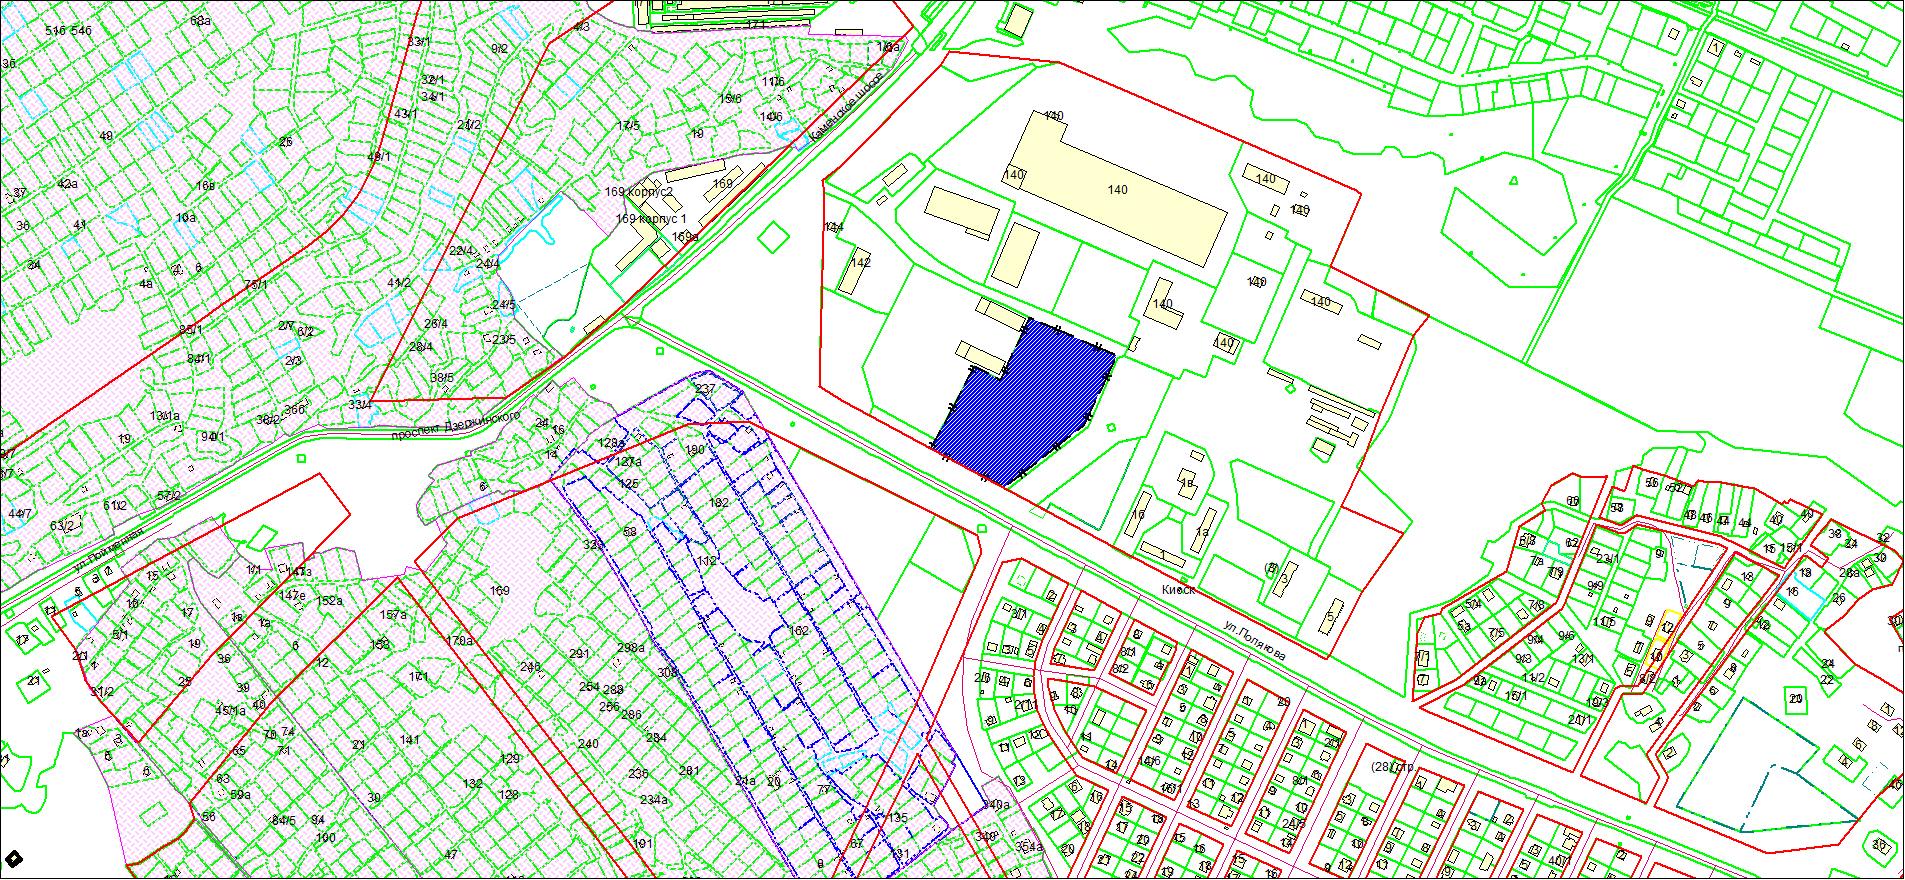 Схема расположения земельного участка по адресу: ул. Полякова, з/у 1/3, Дзержинский район